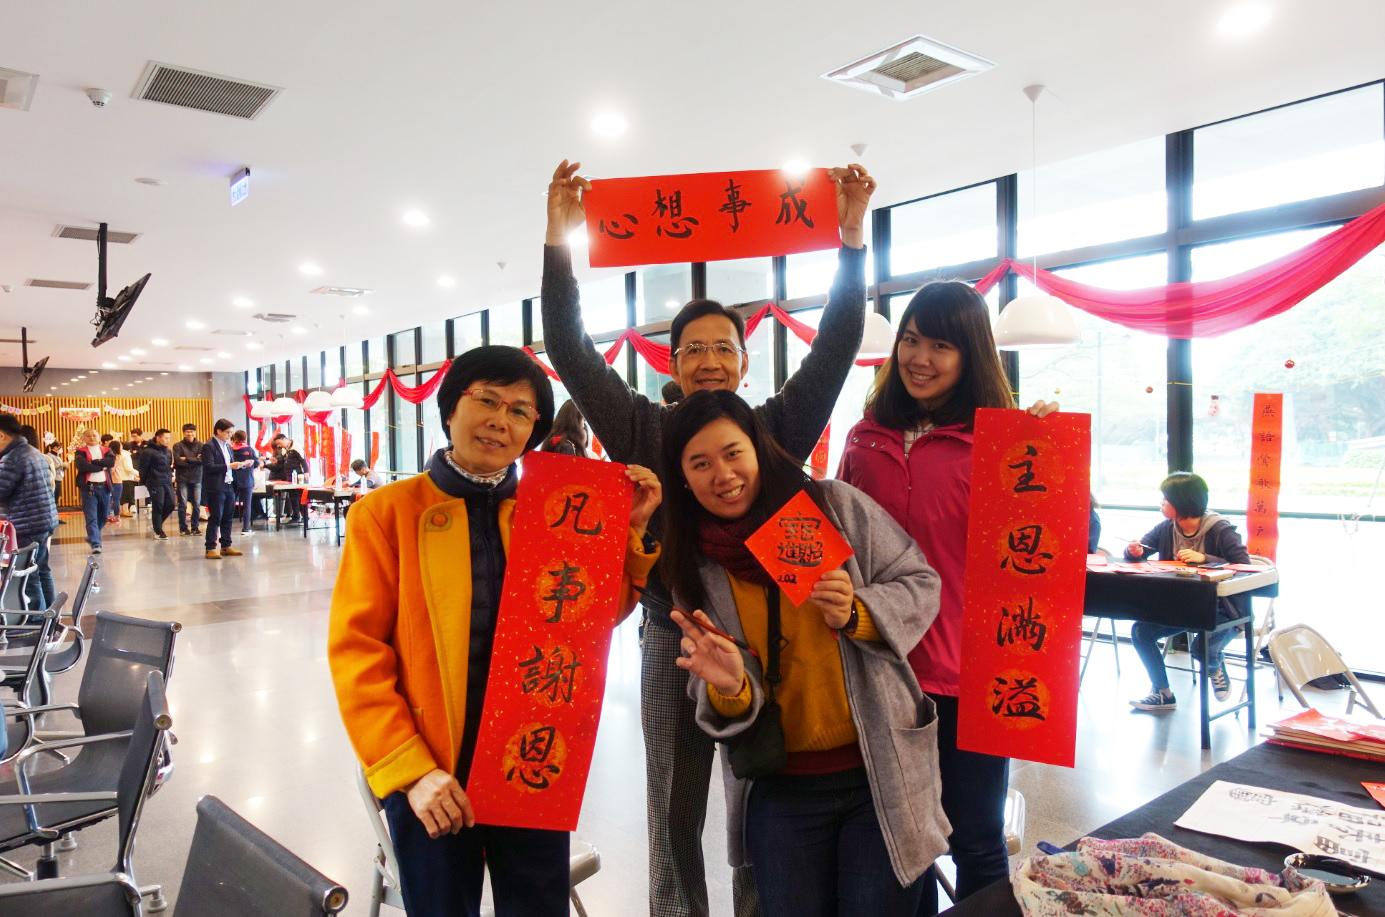 張文燦一家人路過中原,順便參加寫春聯活動,十分開心。.jpg